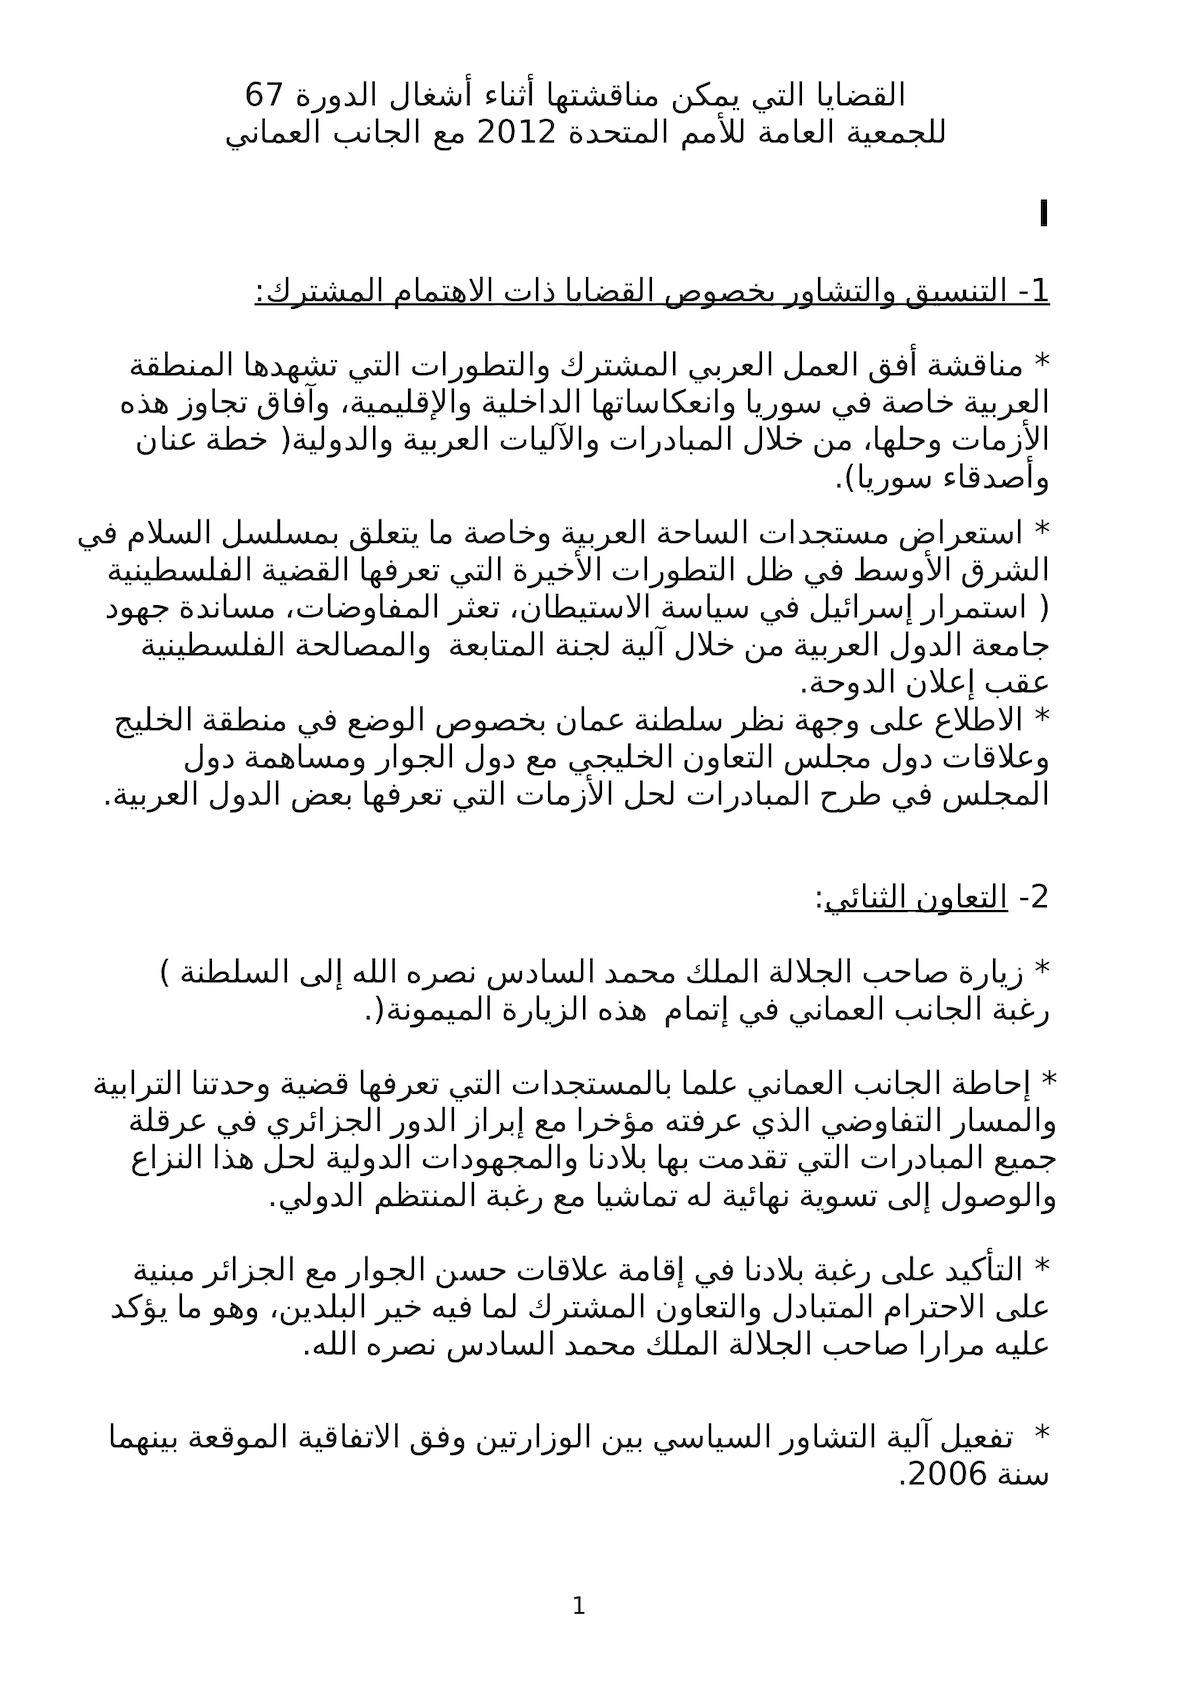 القضايا التي يمكن مناقشتها أثناء أشغال الدورة 67 مع عمان.